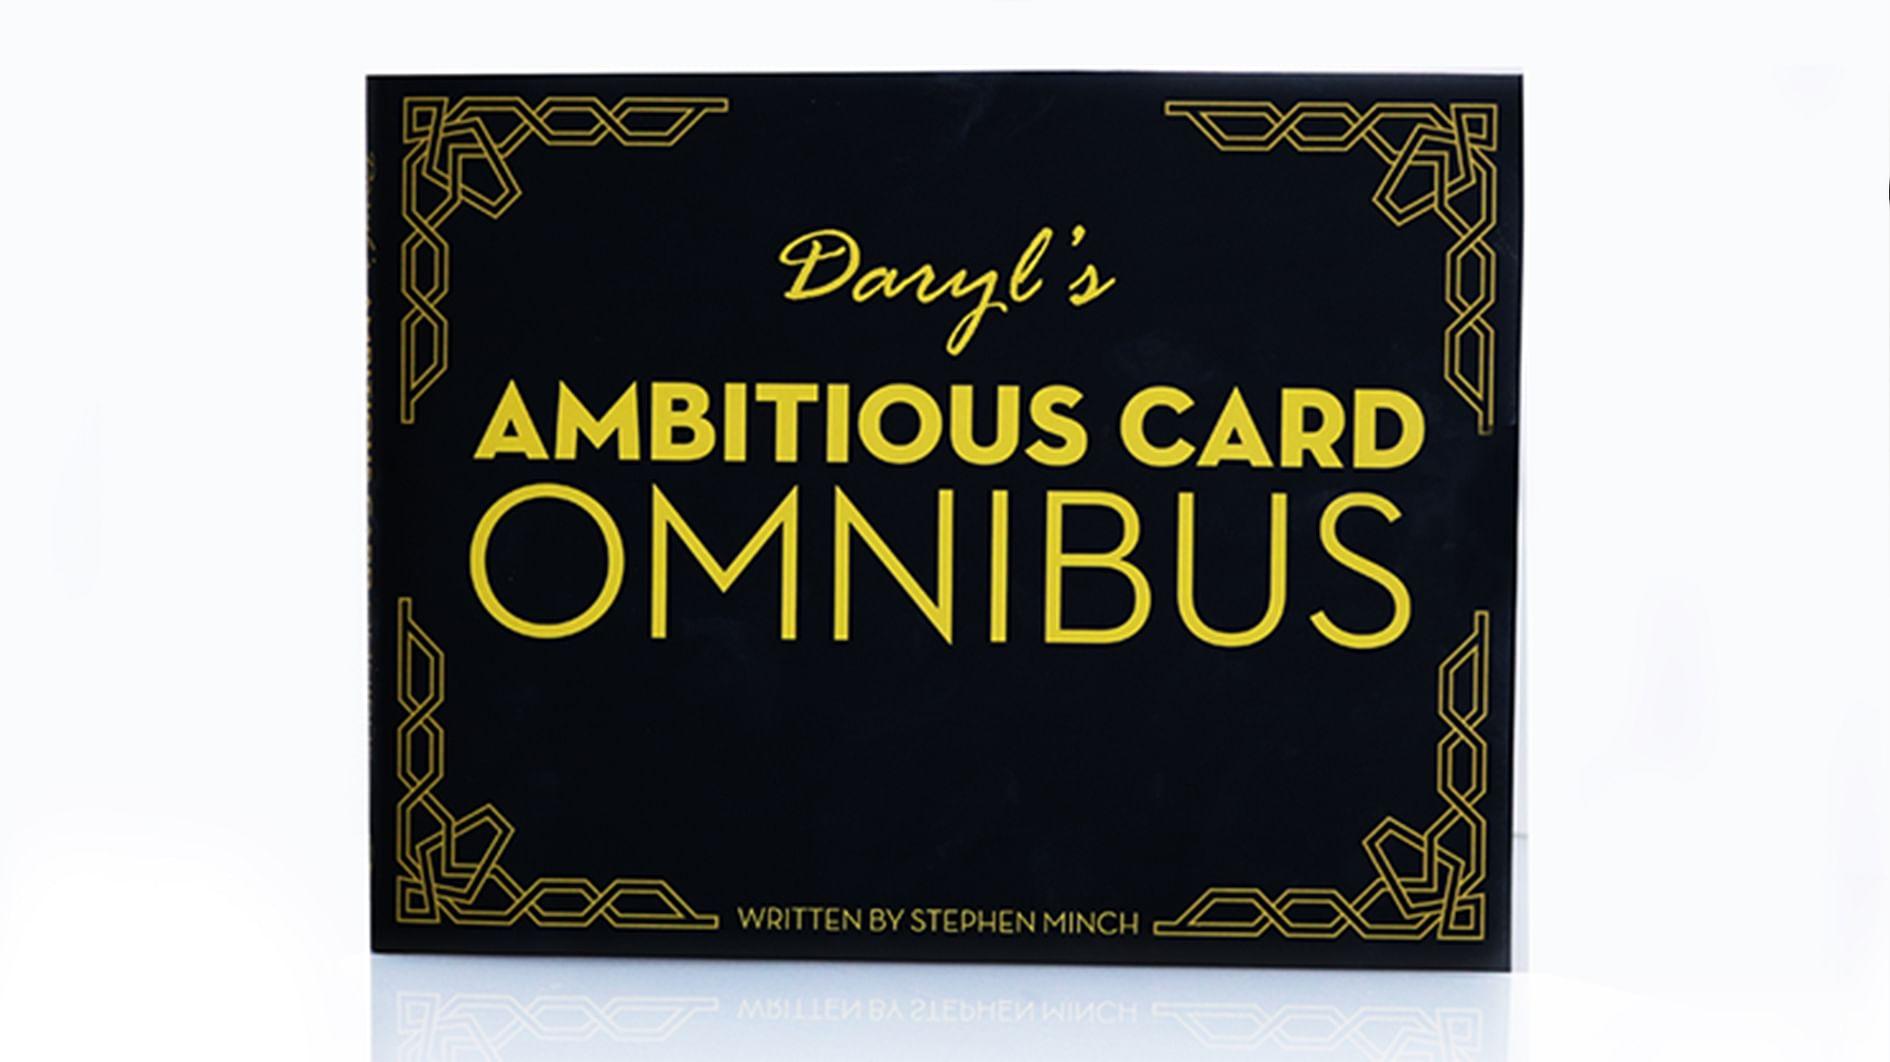 Ambitious Card Omnibus - magic